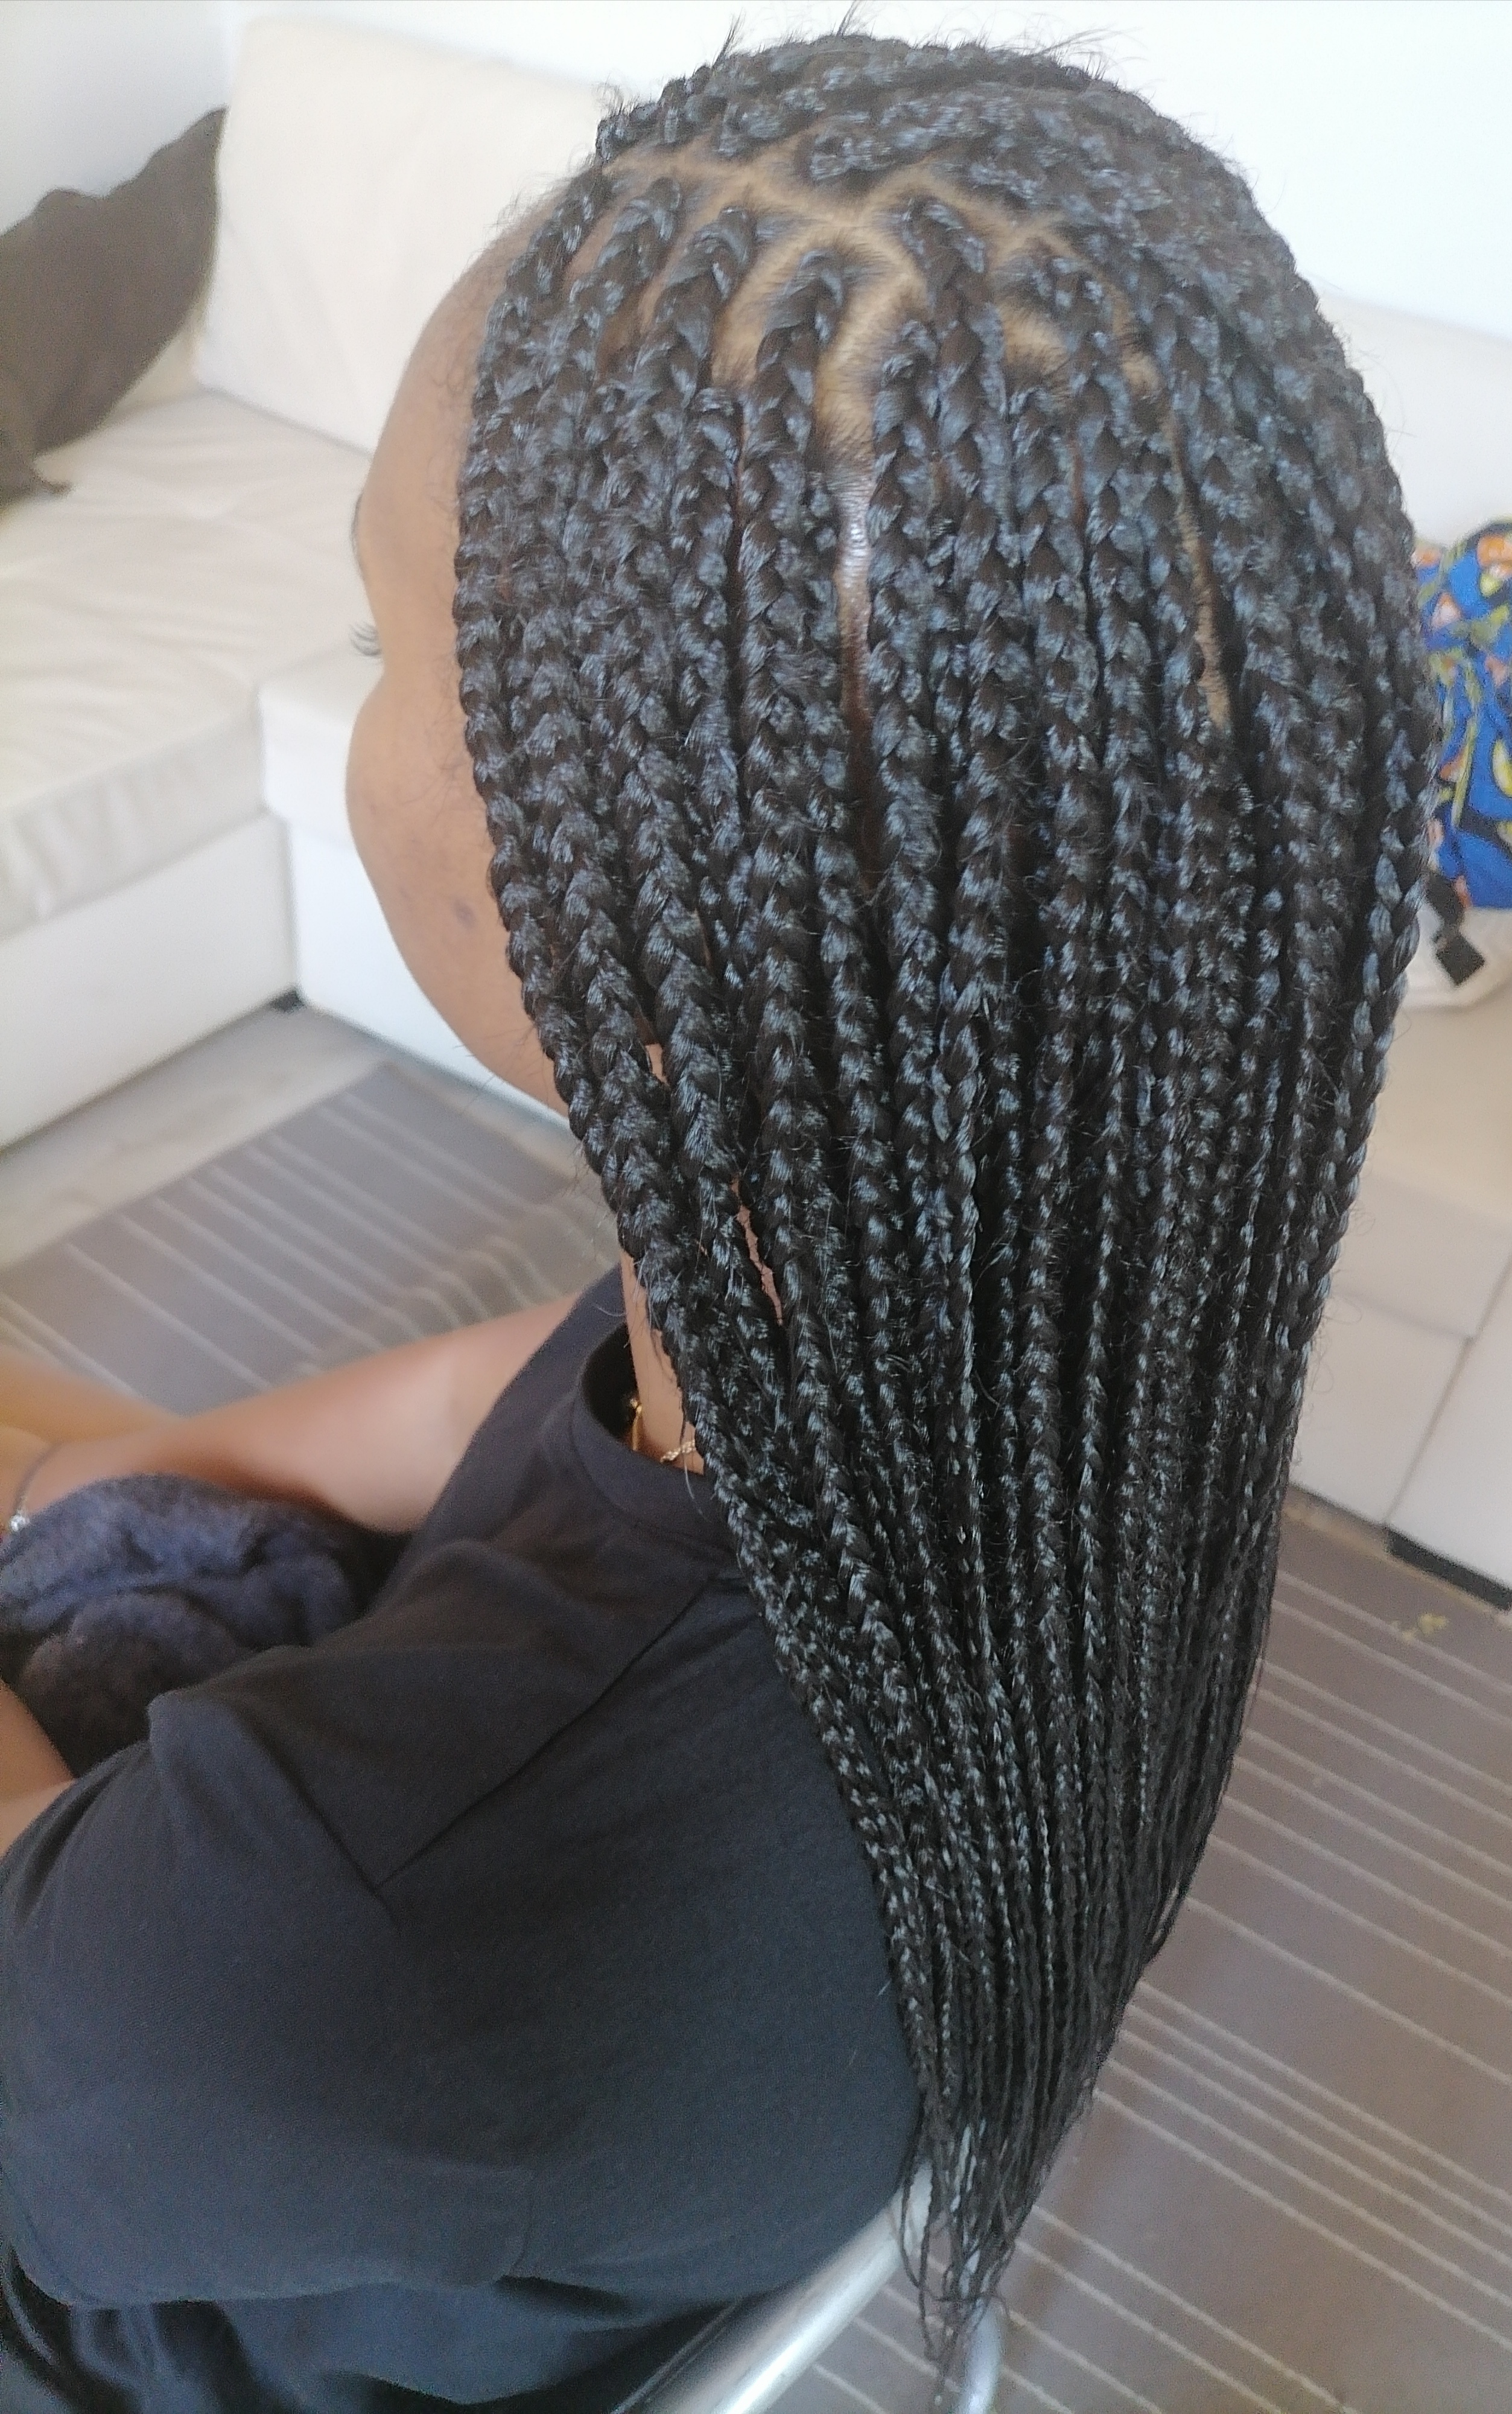 salon de coiffure afro tresse tresses box braids crochet braids vanilles tissages paris 75 77 78 91 92 93 94 95 OBTPWADQ